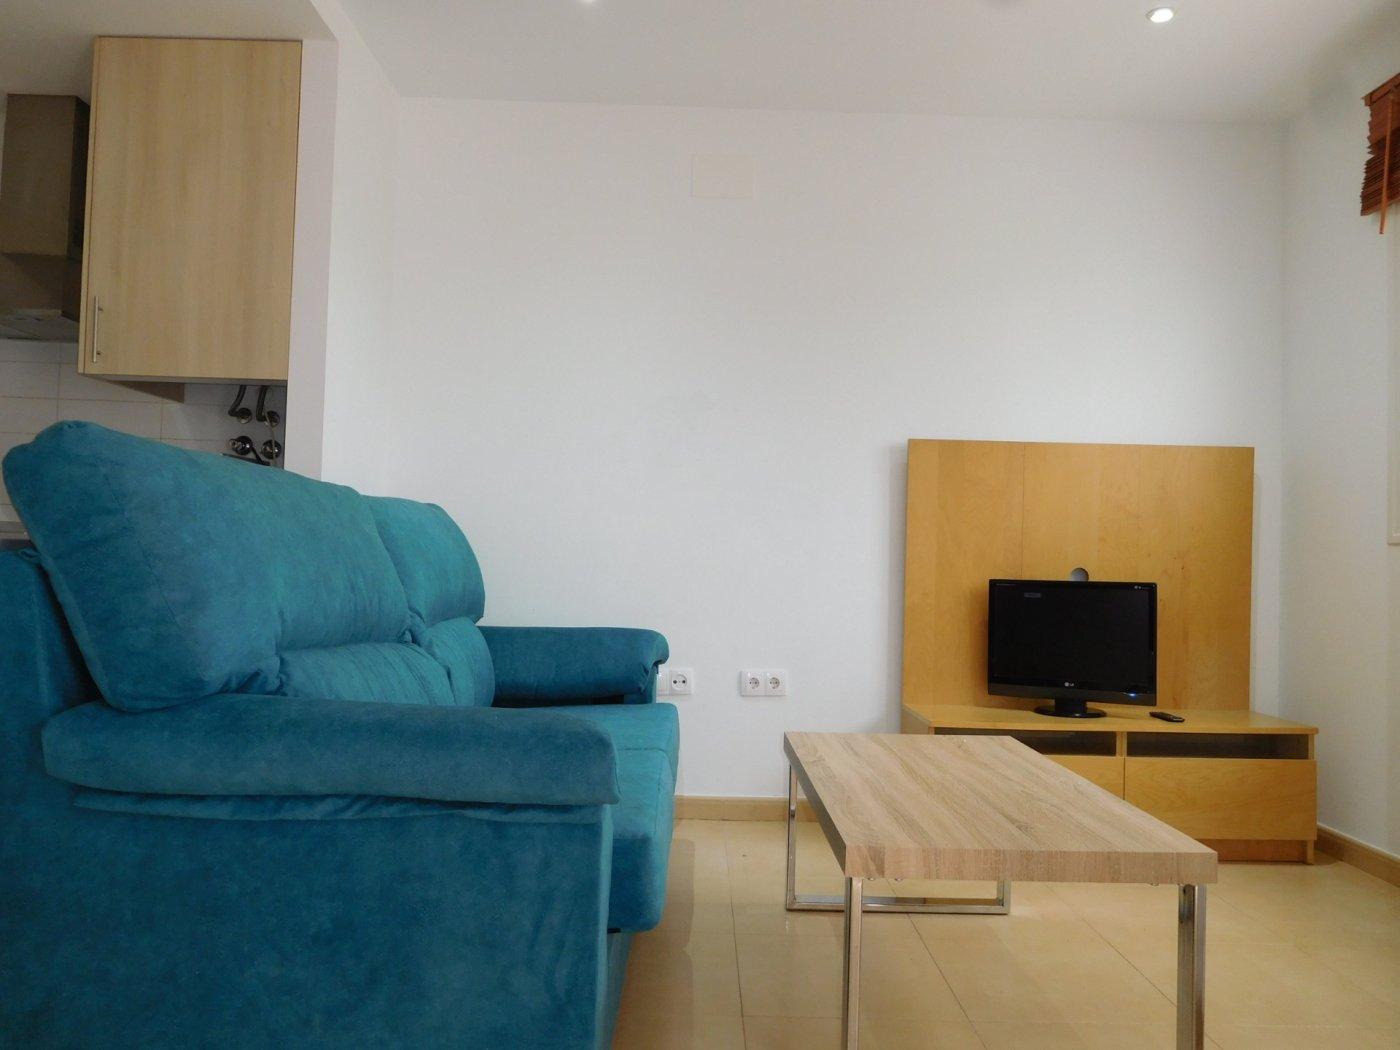 Image 6 Apartment ref 3265-2371 for rent in Condado De Alhama Spain - Quality Homes Costa Cálida